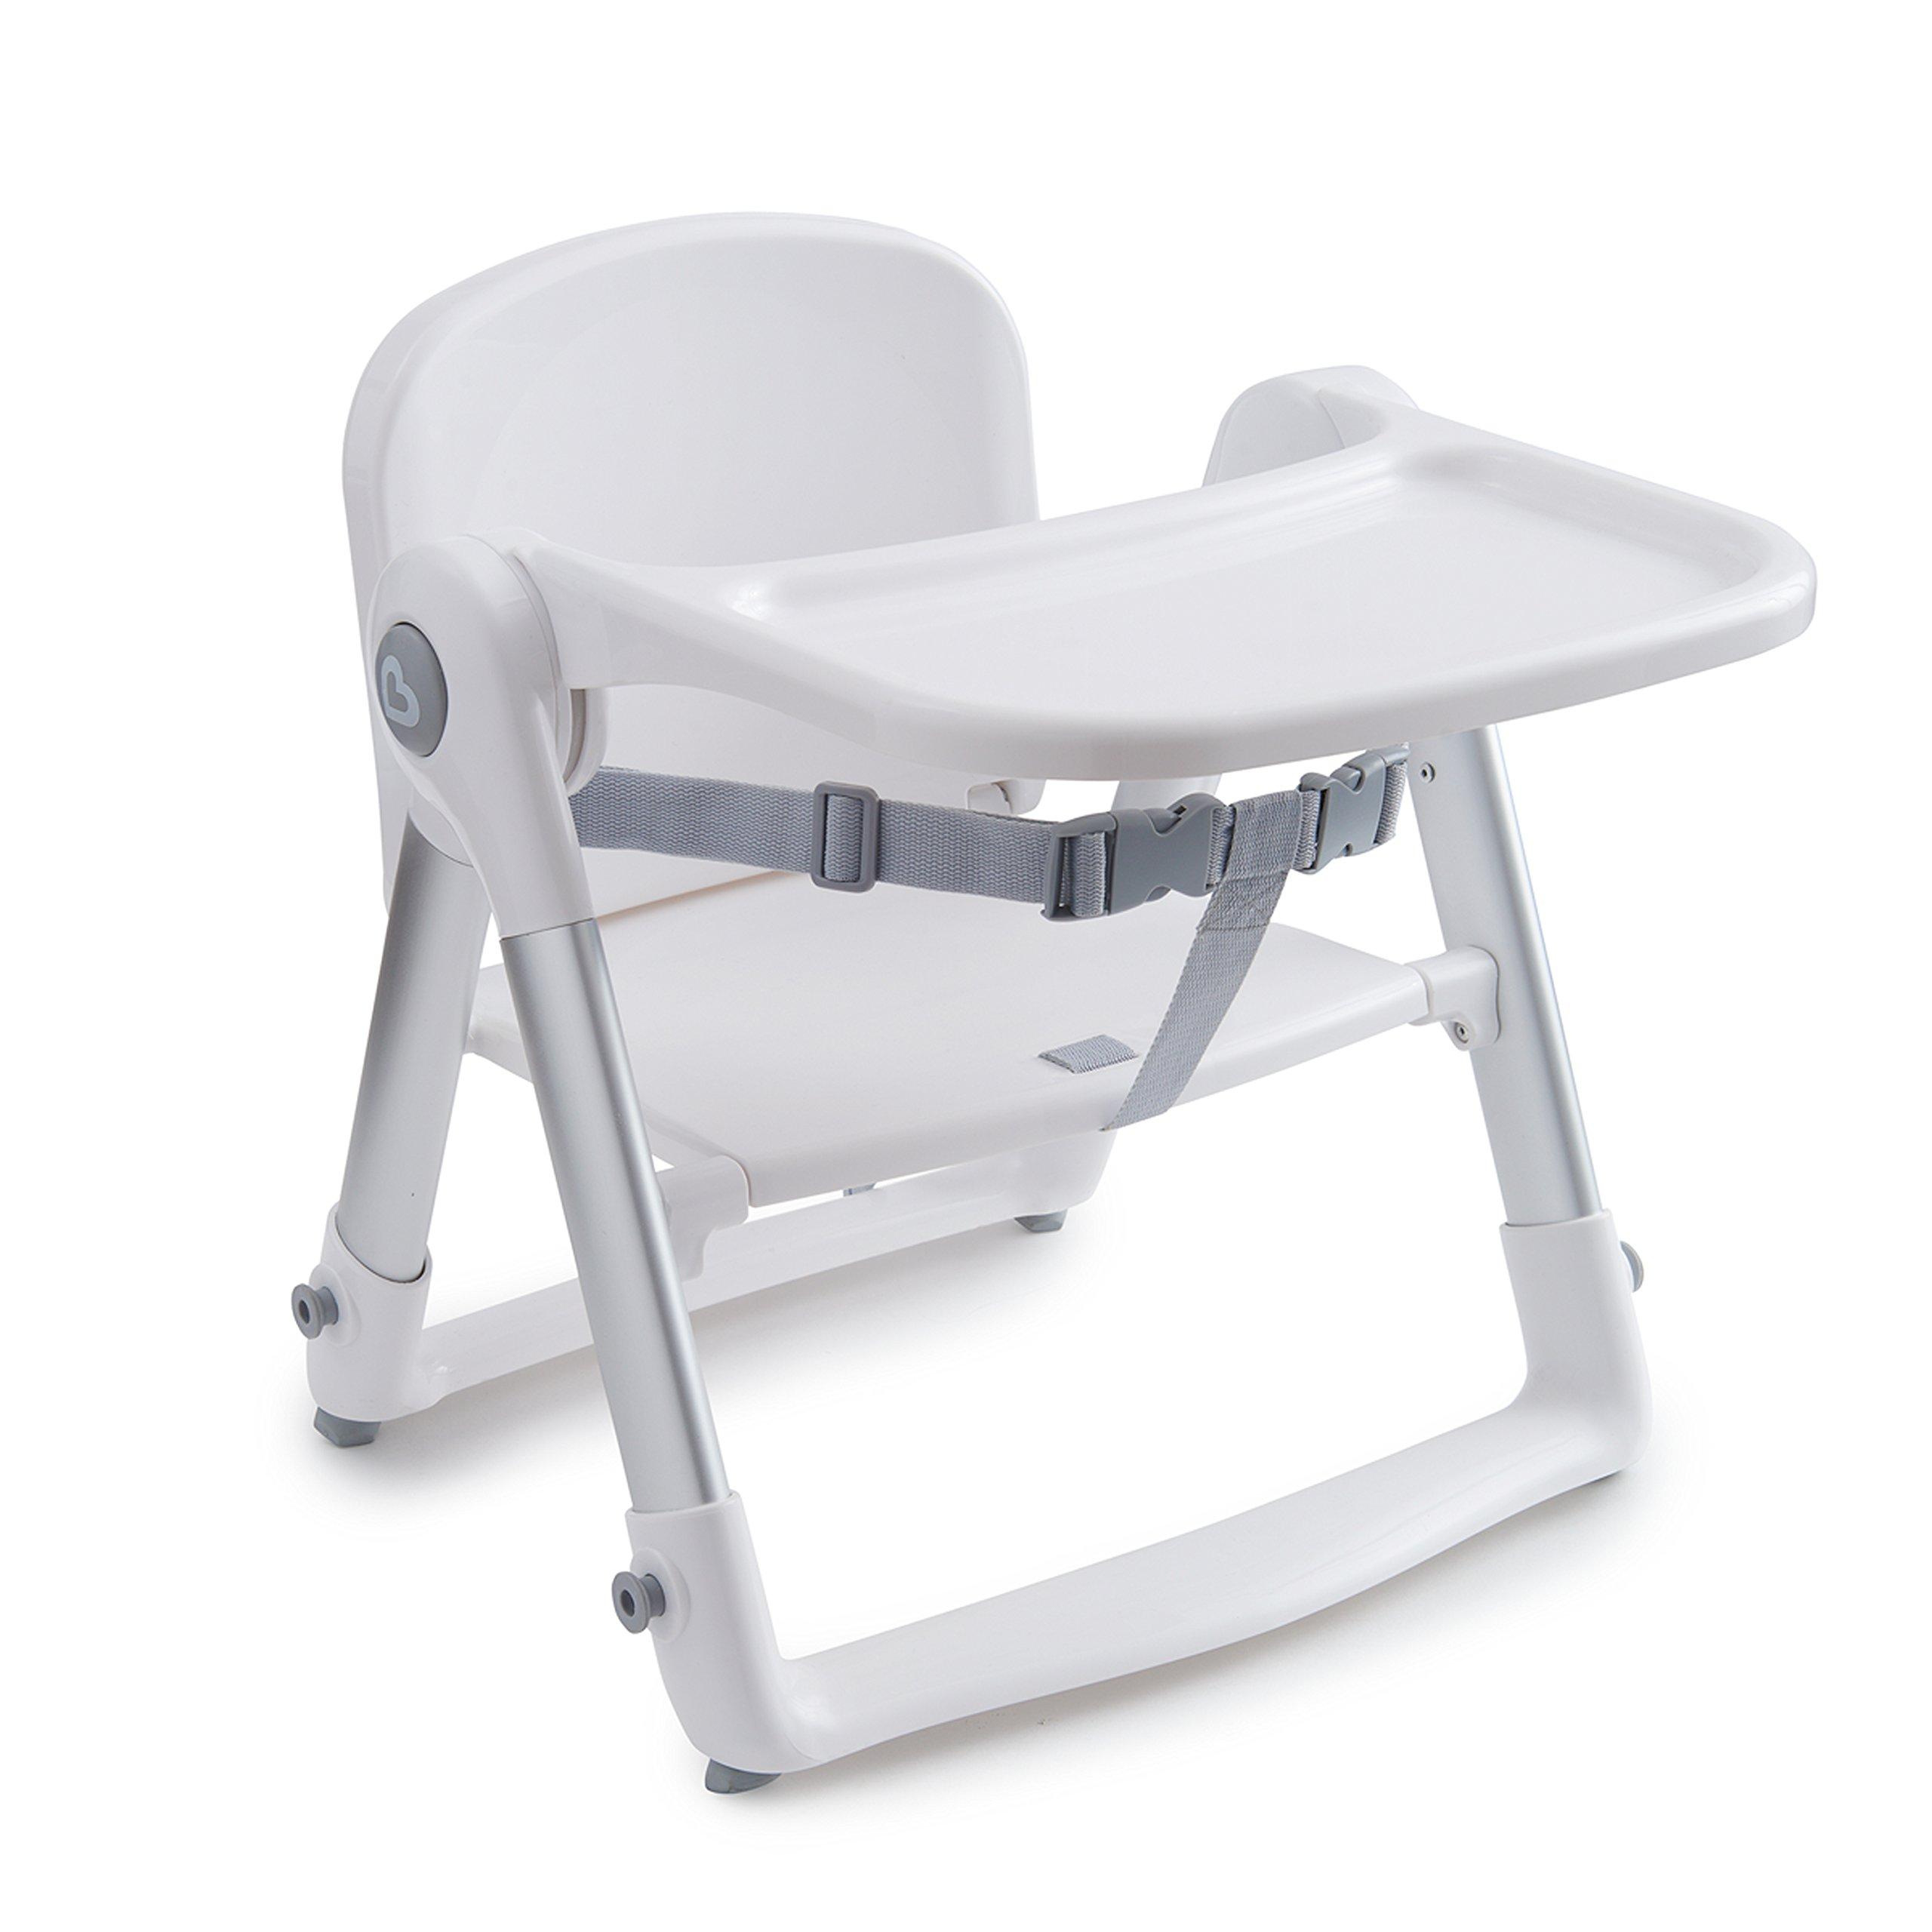 Munchkin Boost Convertible Booster Chair